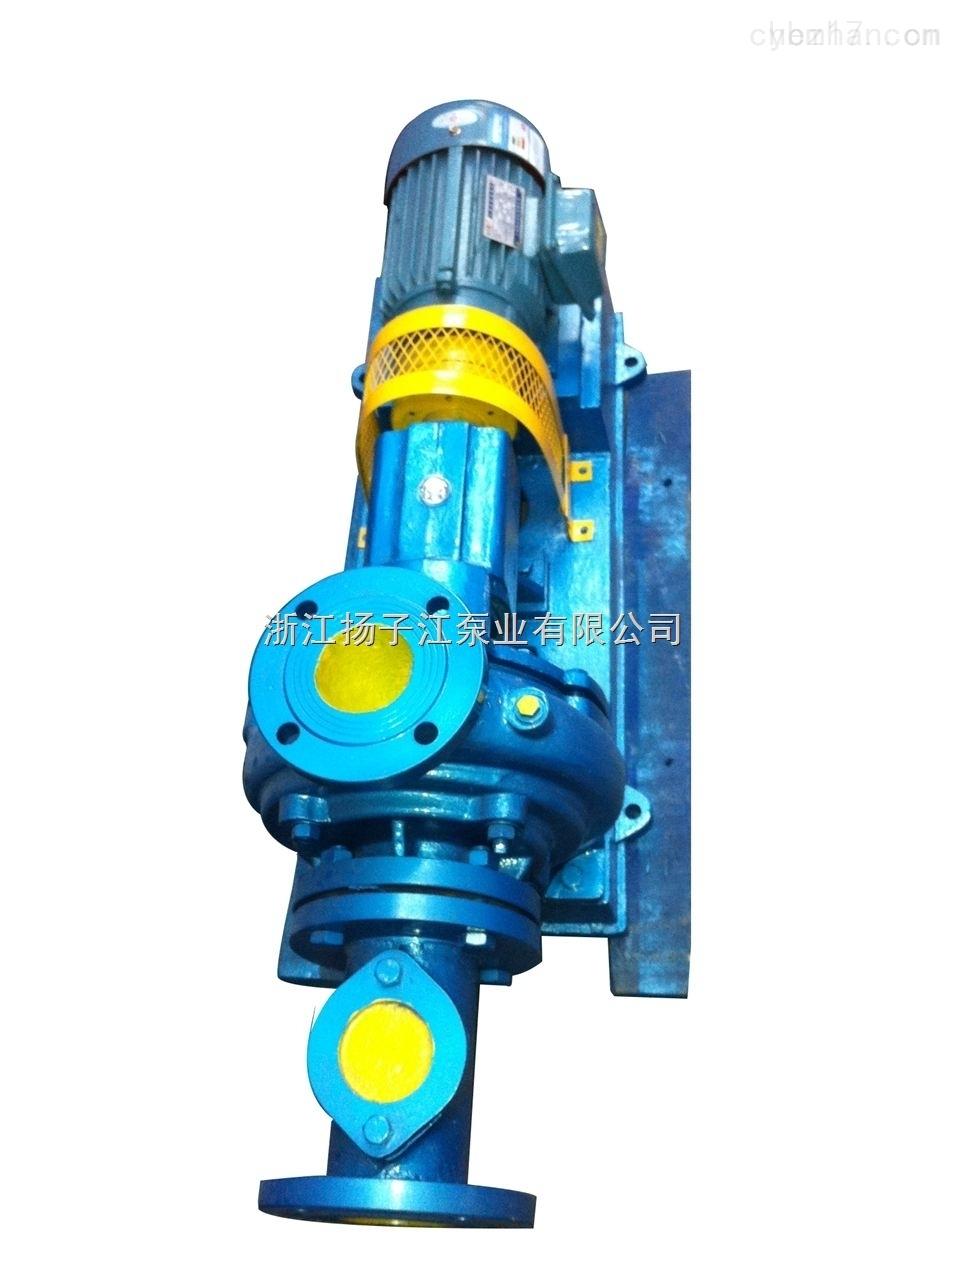 无阻塞纸浆泵造纸厂泵 两相流糖浆泵 工业污水杂质泵